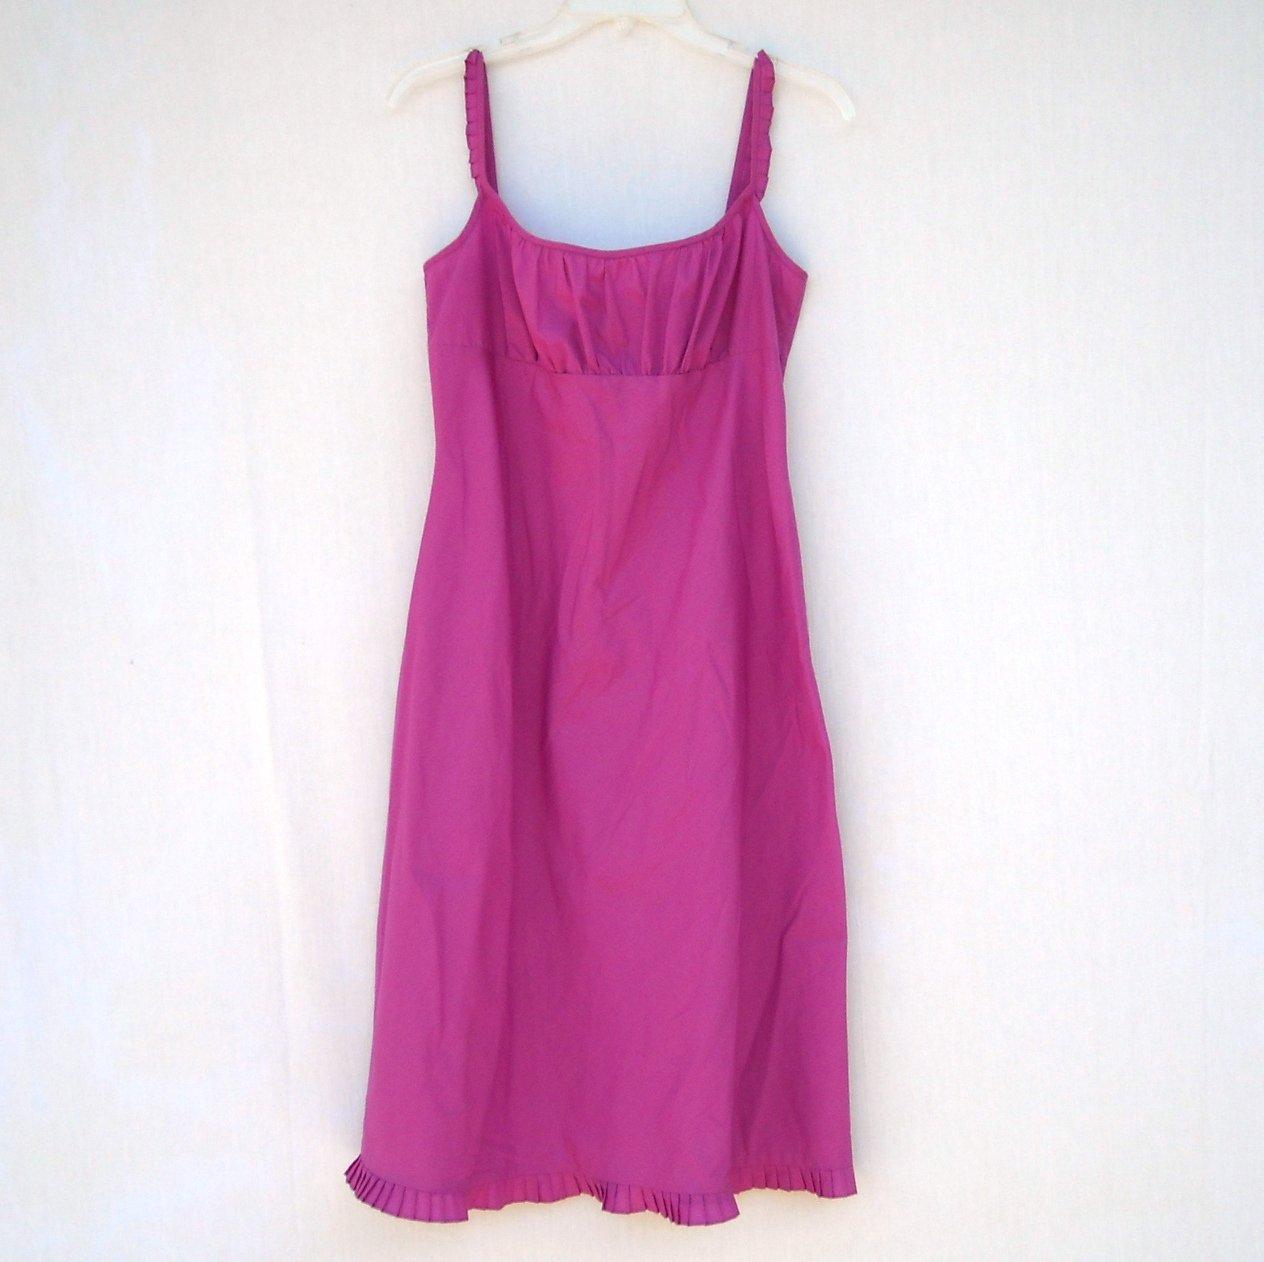 Misses Juniors Purple ETRE Dress 100% Cotton Size 14